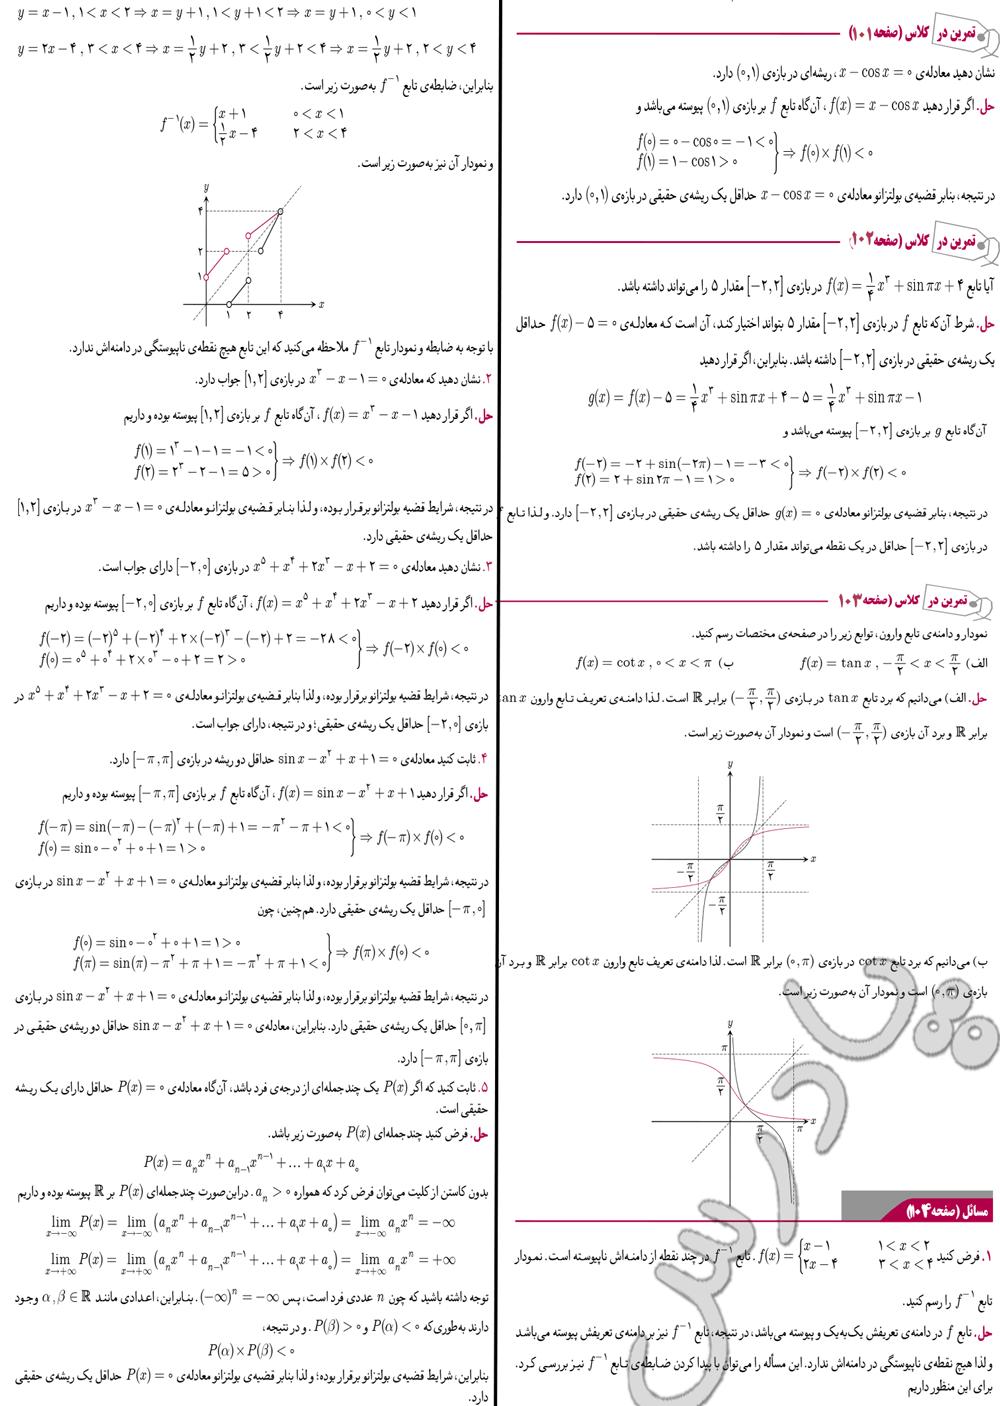 حل تمرین در کلاس و مسائل صفحه 103 و 104 دیفرانسیل پیش دانشگاهی